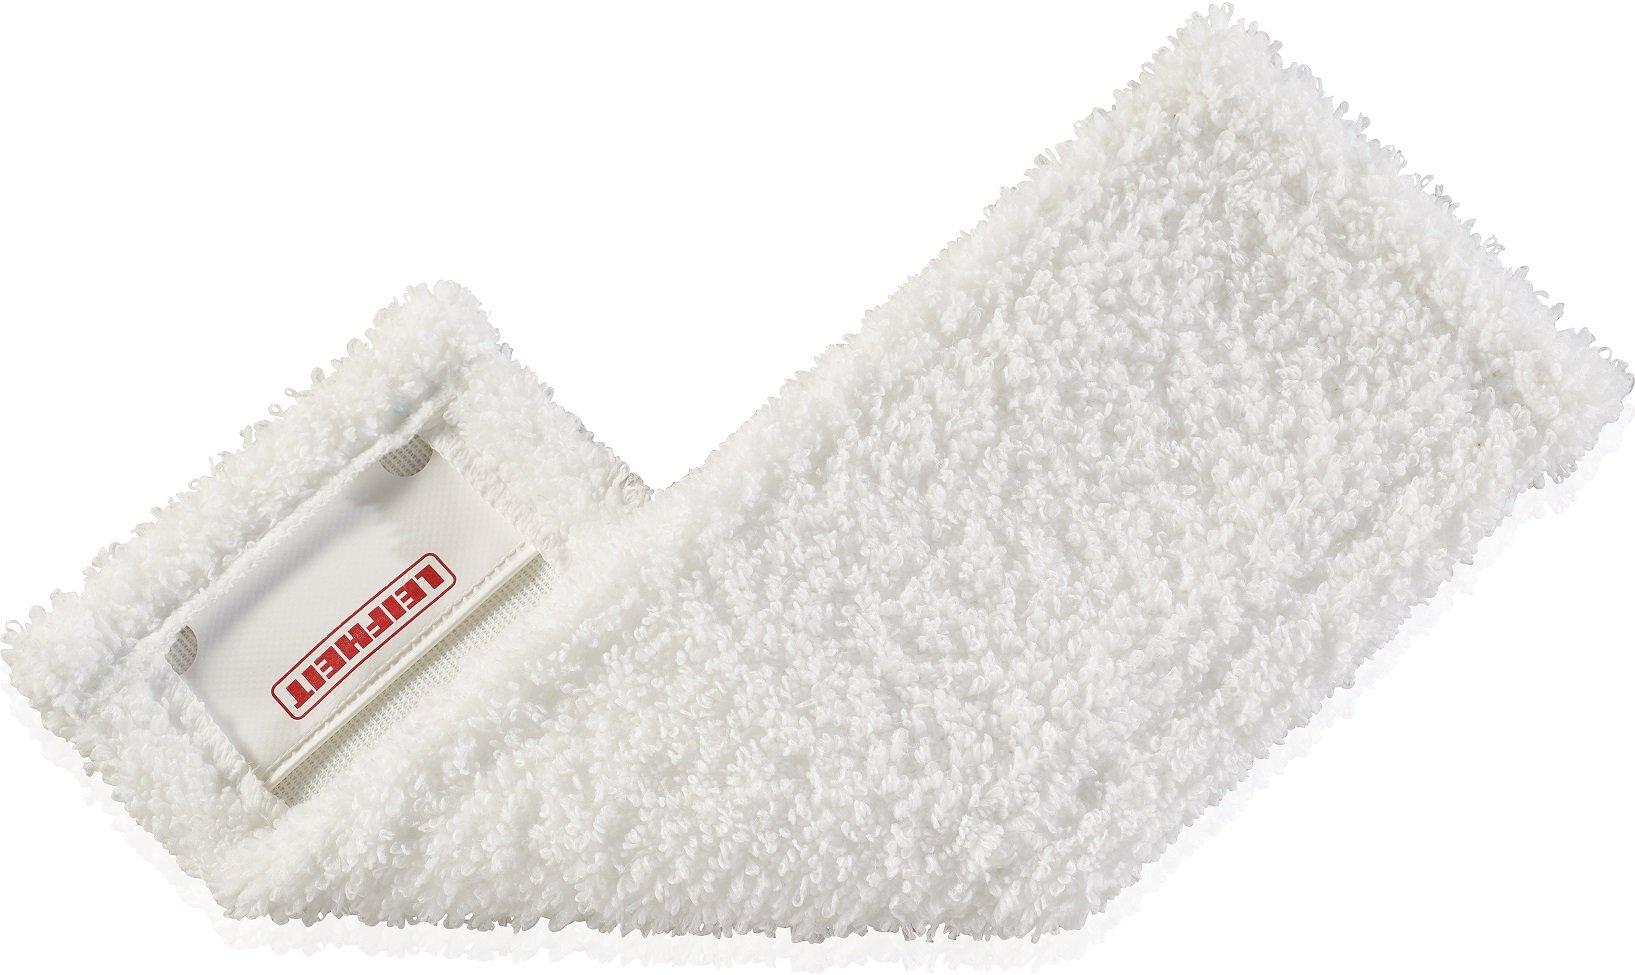 Leifheit Náhradní návlek CARE Super soft k mopu s rozprašovačem CARE & PROTECT 56505